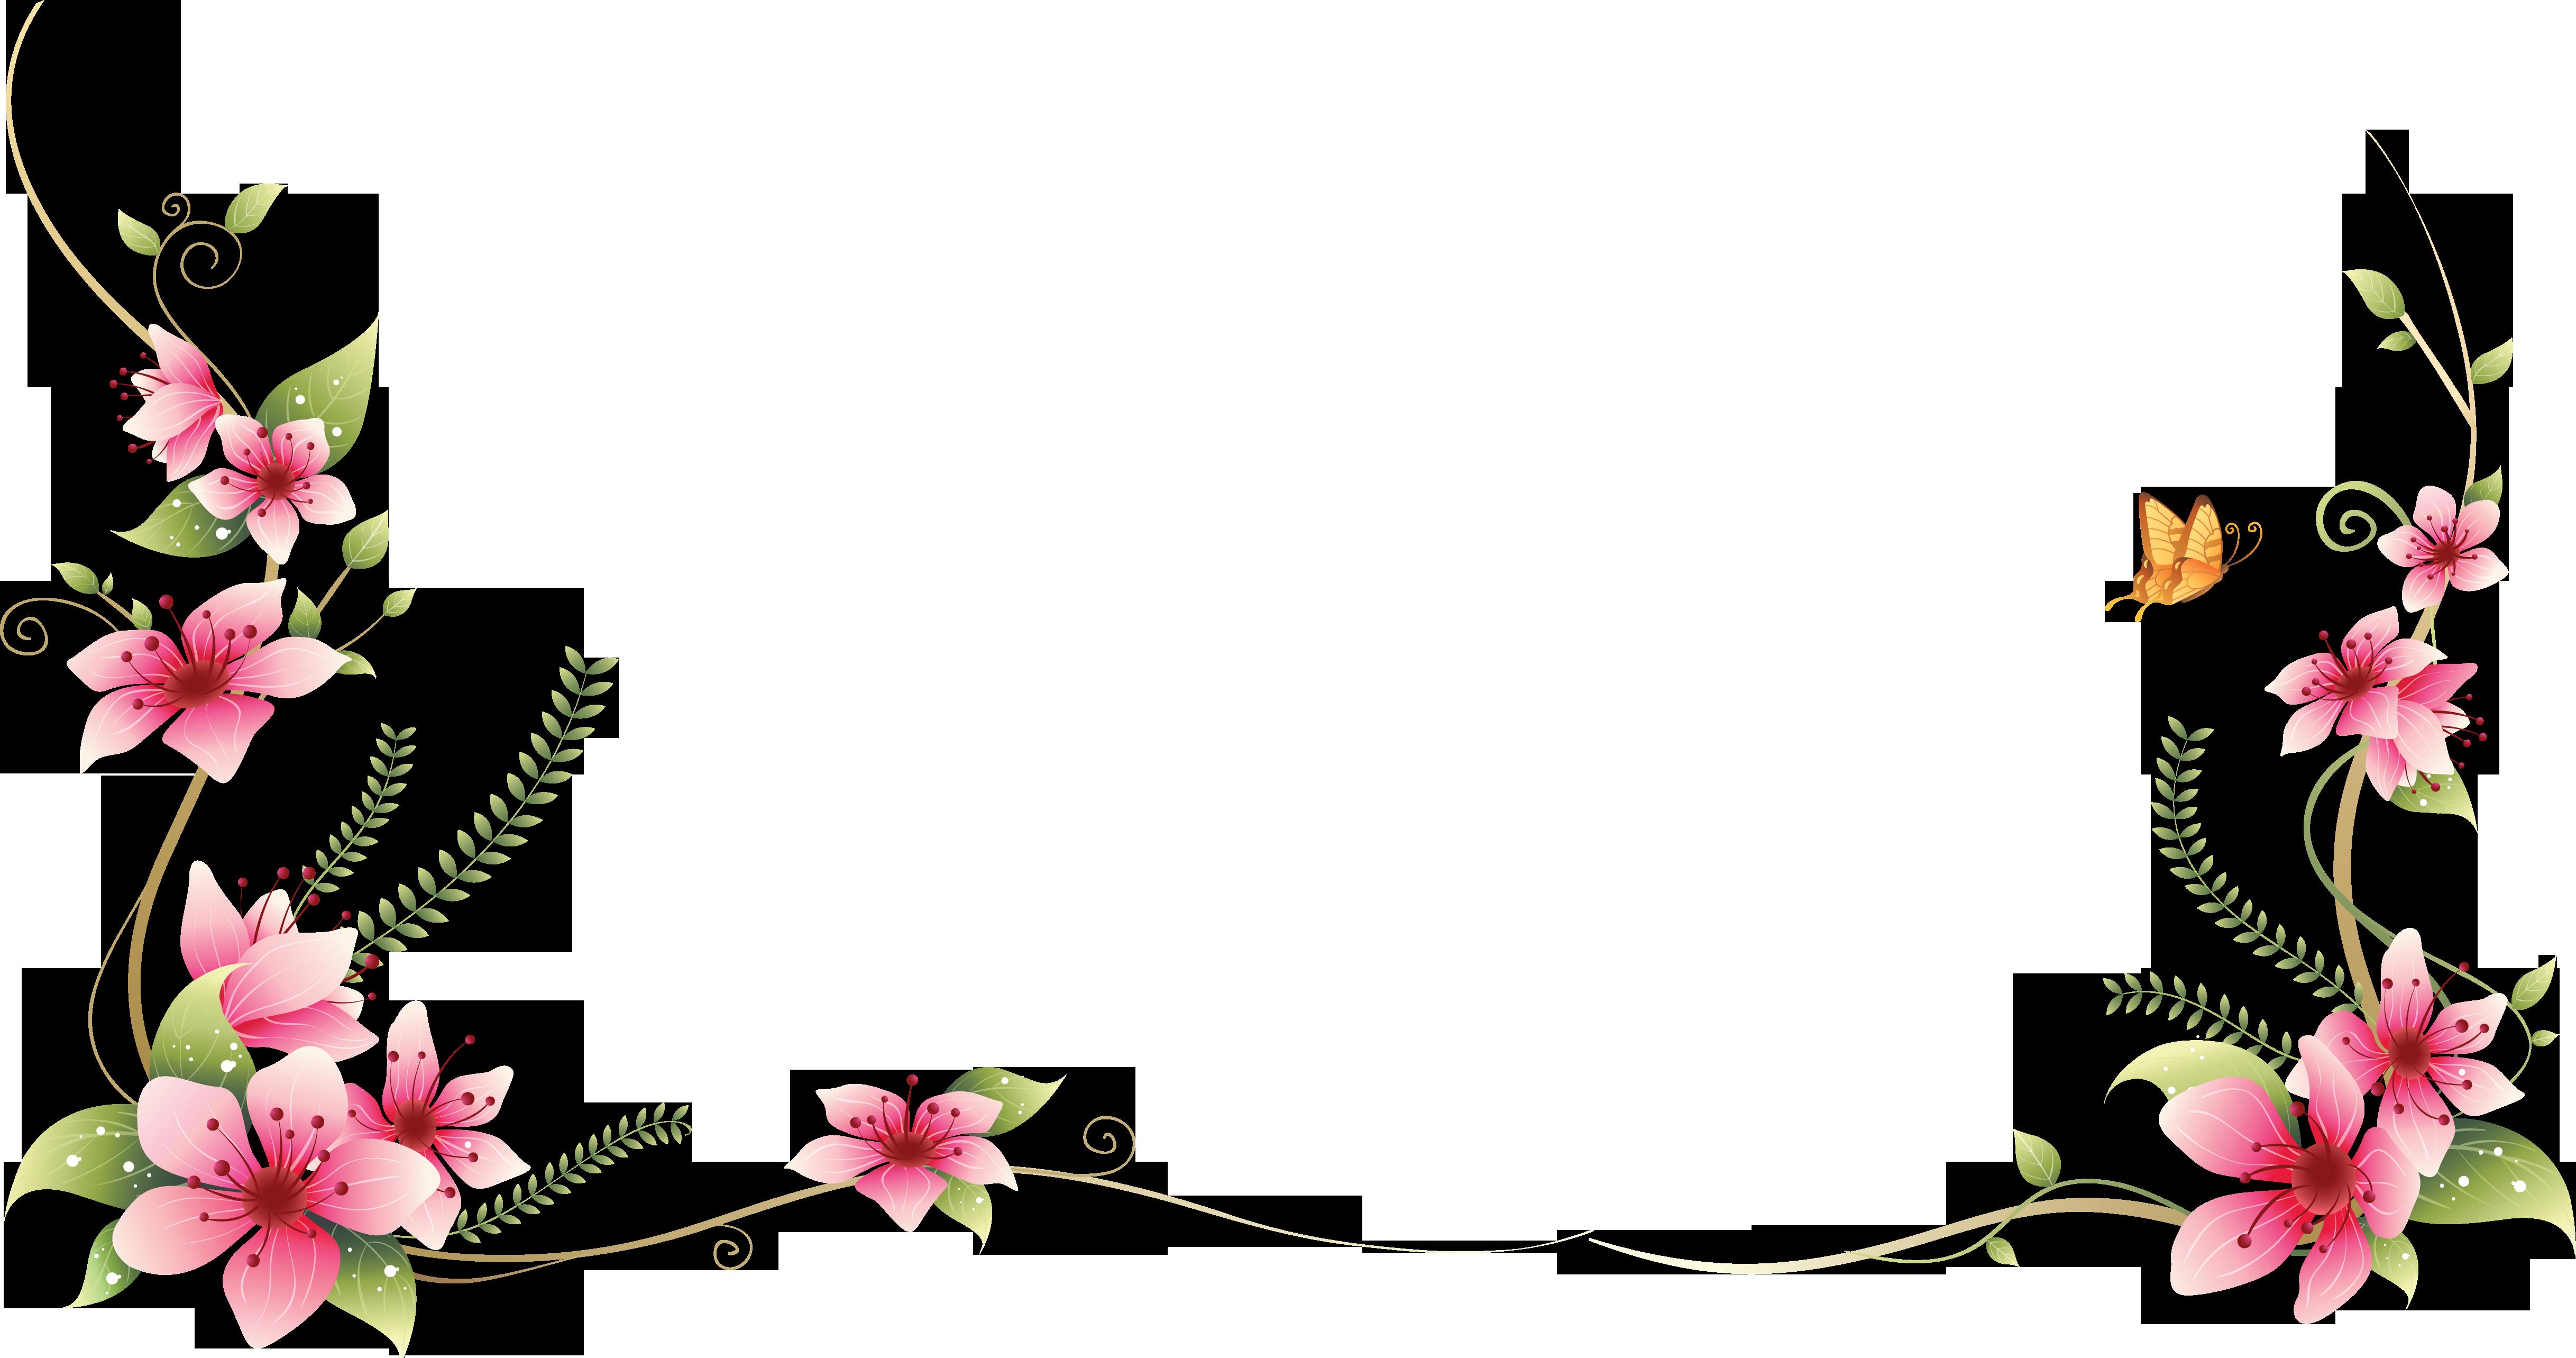 цветы клипарт: